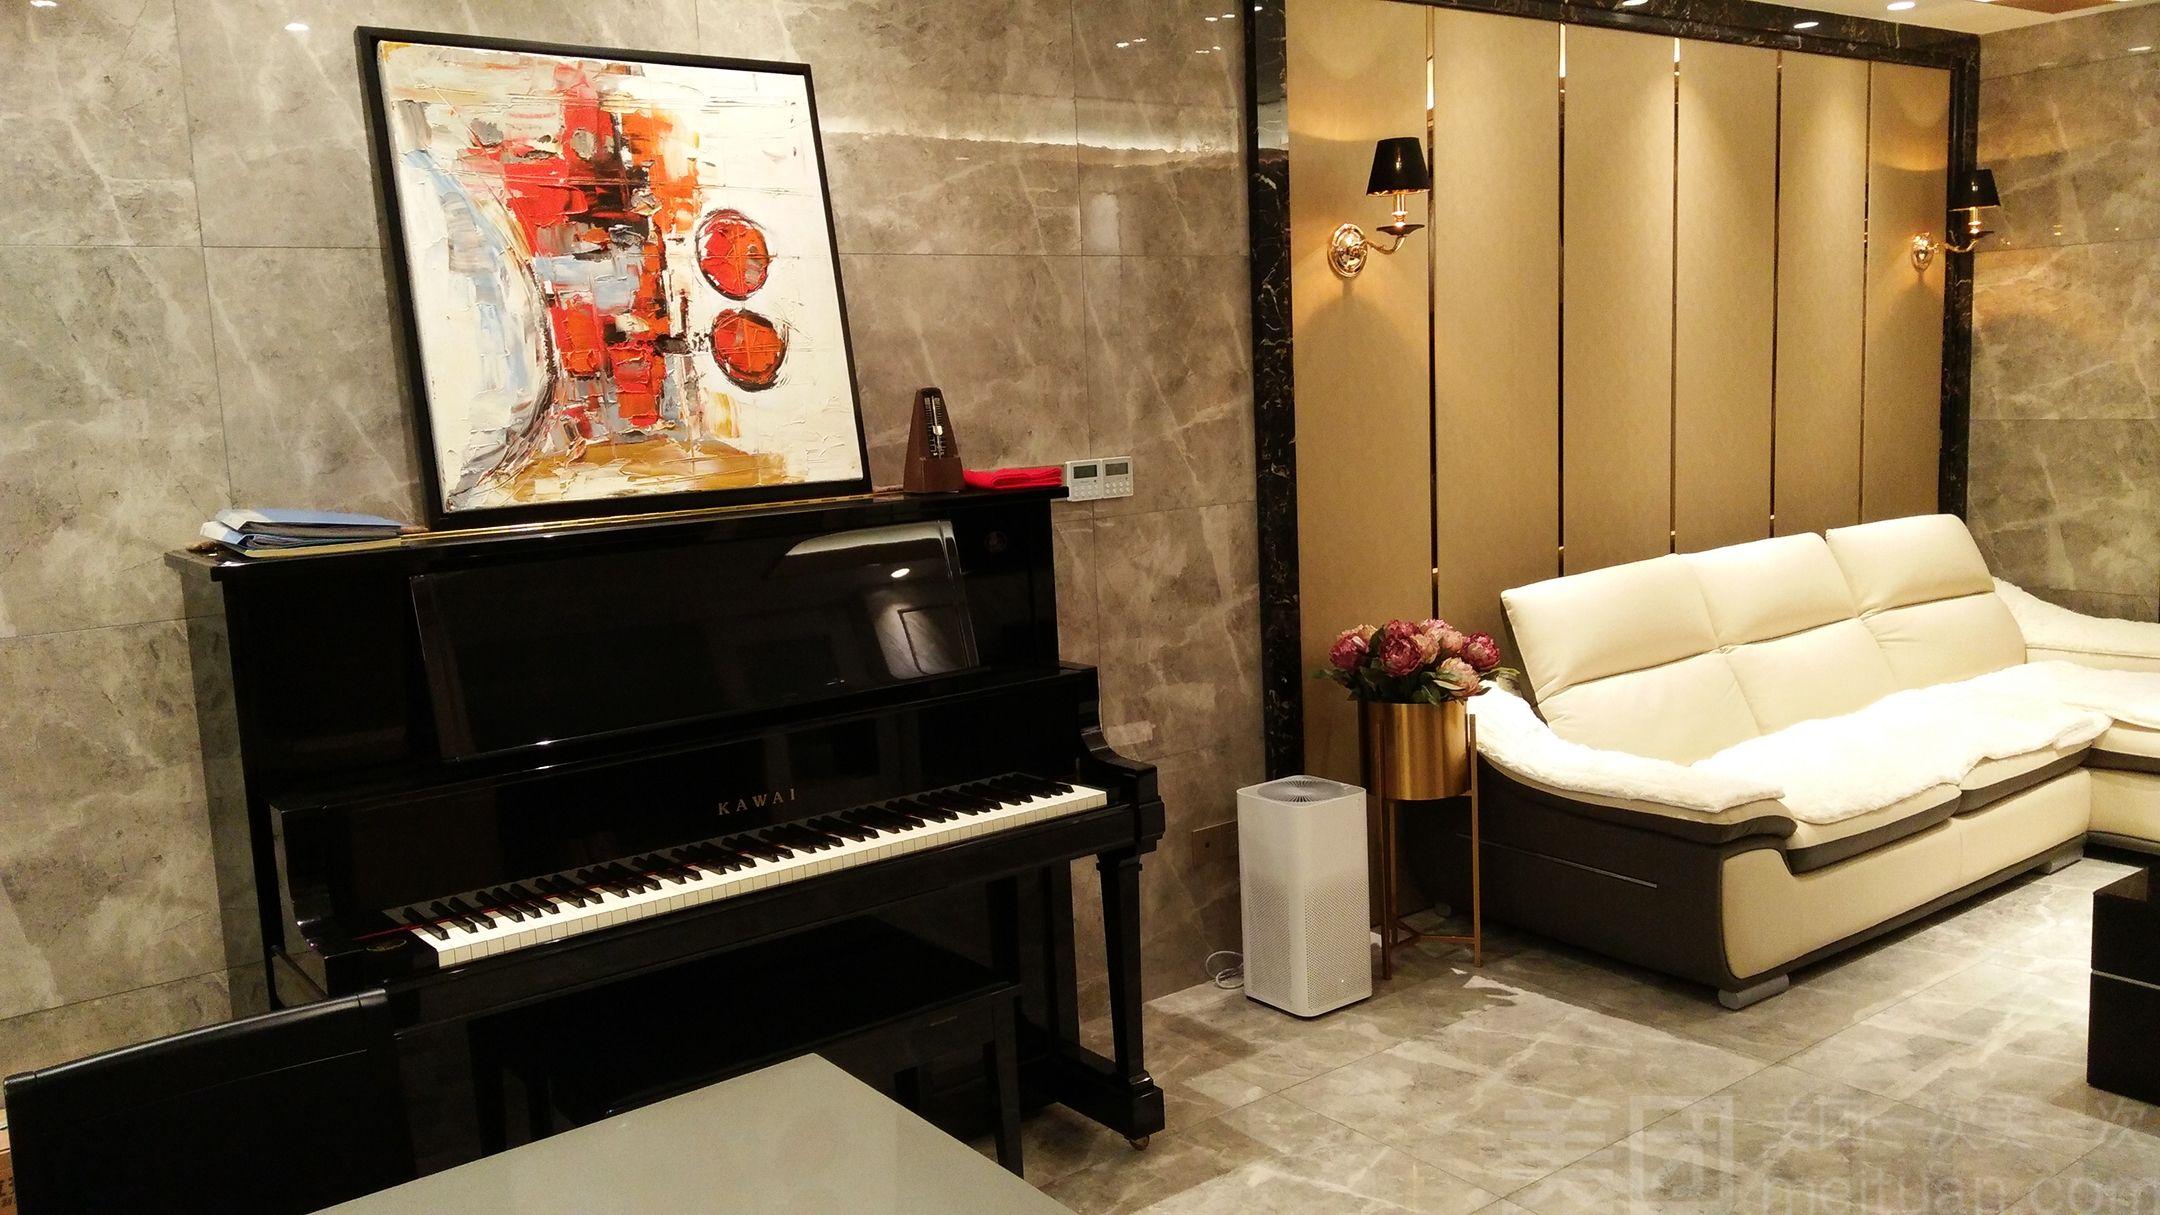 周倩钢琴工作室